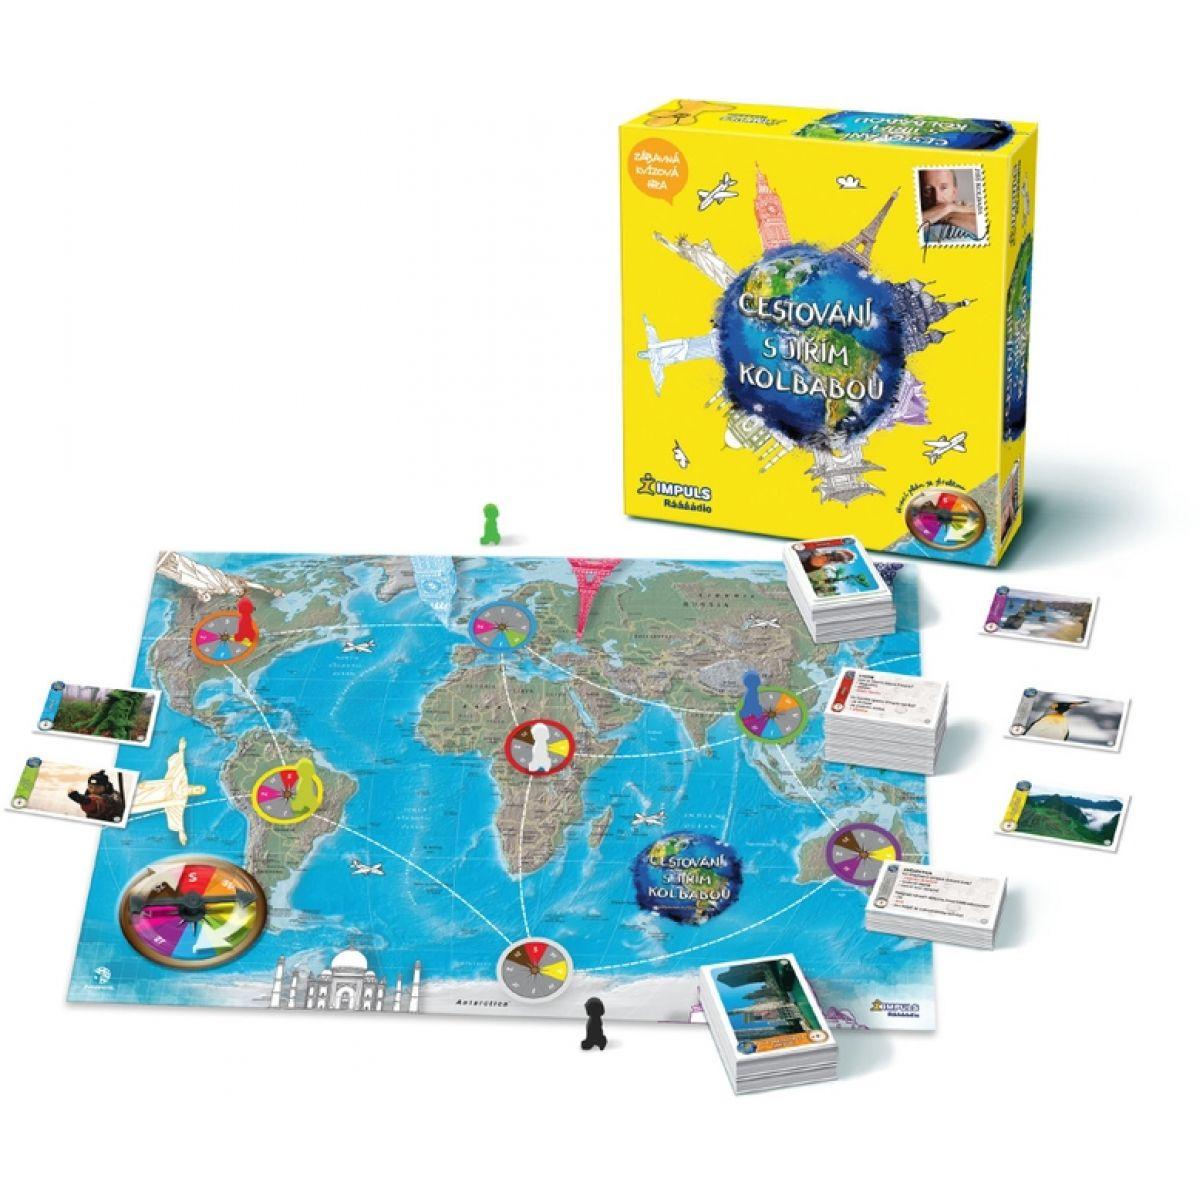 Bonaparte Společenská hra Cestování s Jirkou Kolbabou